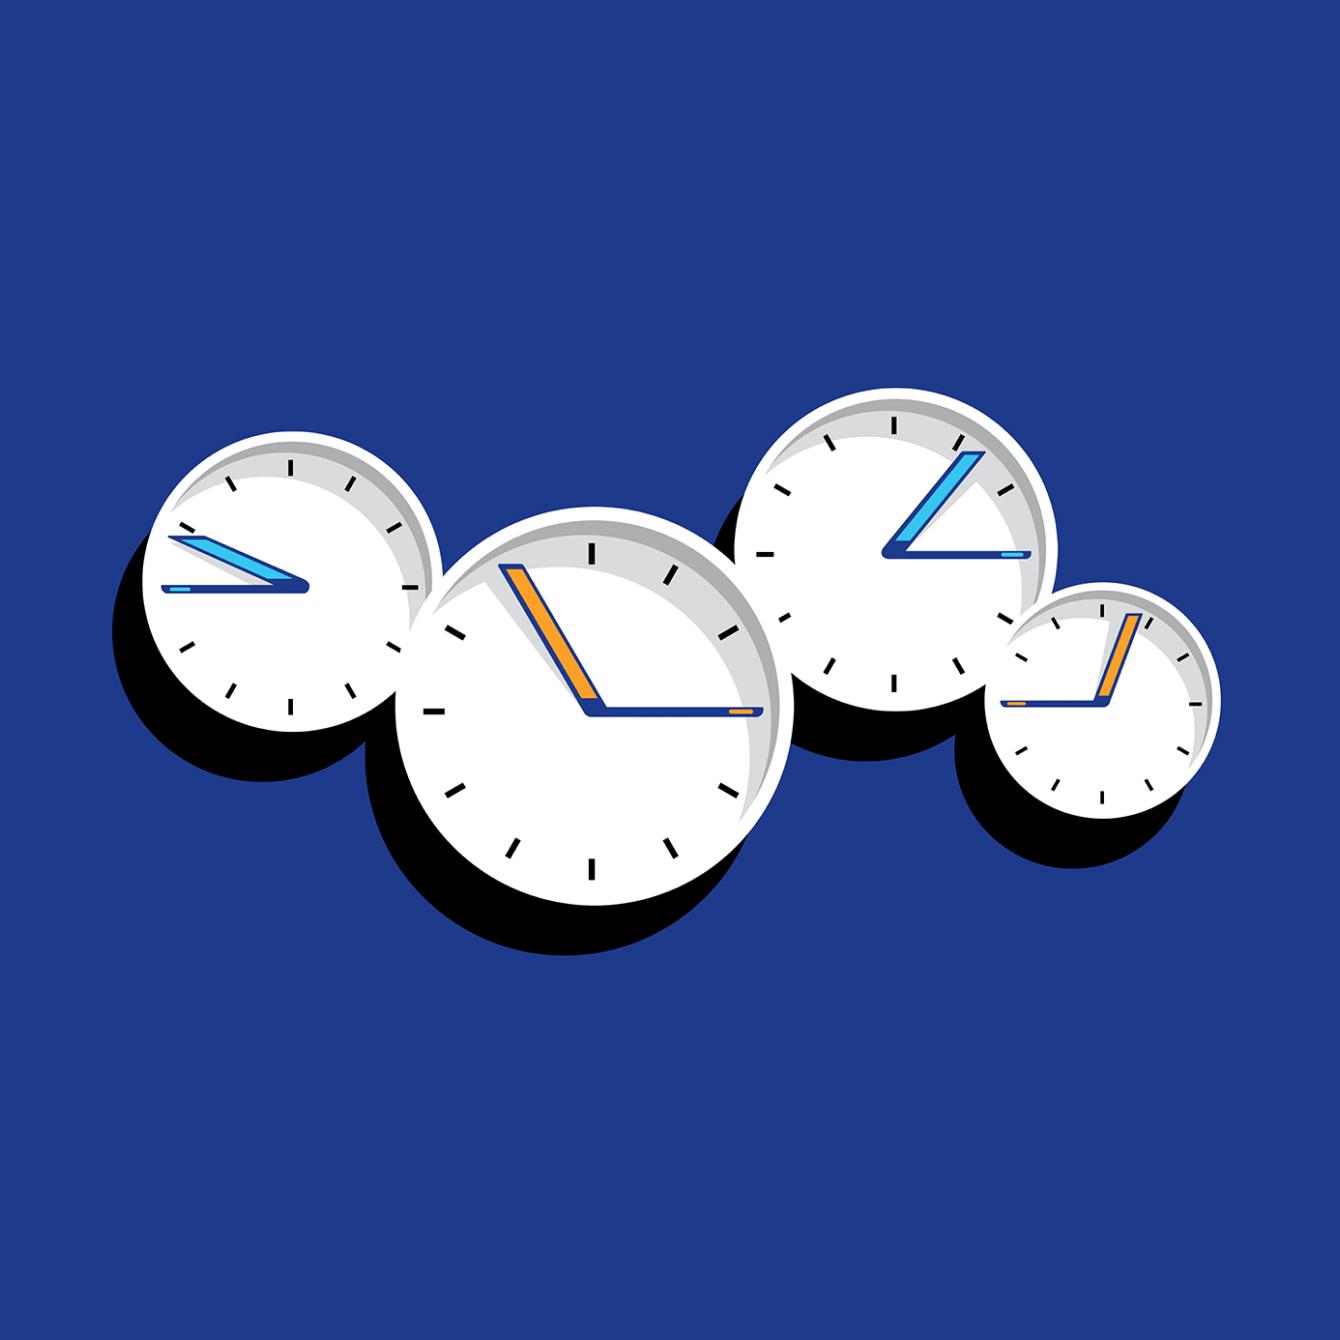 Relógios em fusos horários diferentes, representando um trabalho assíncrono